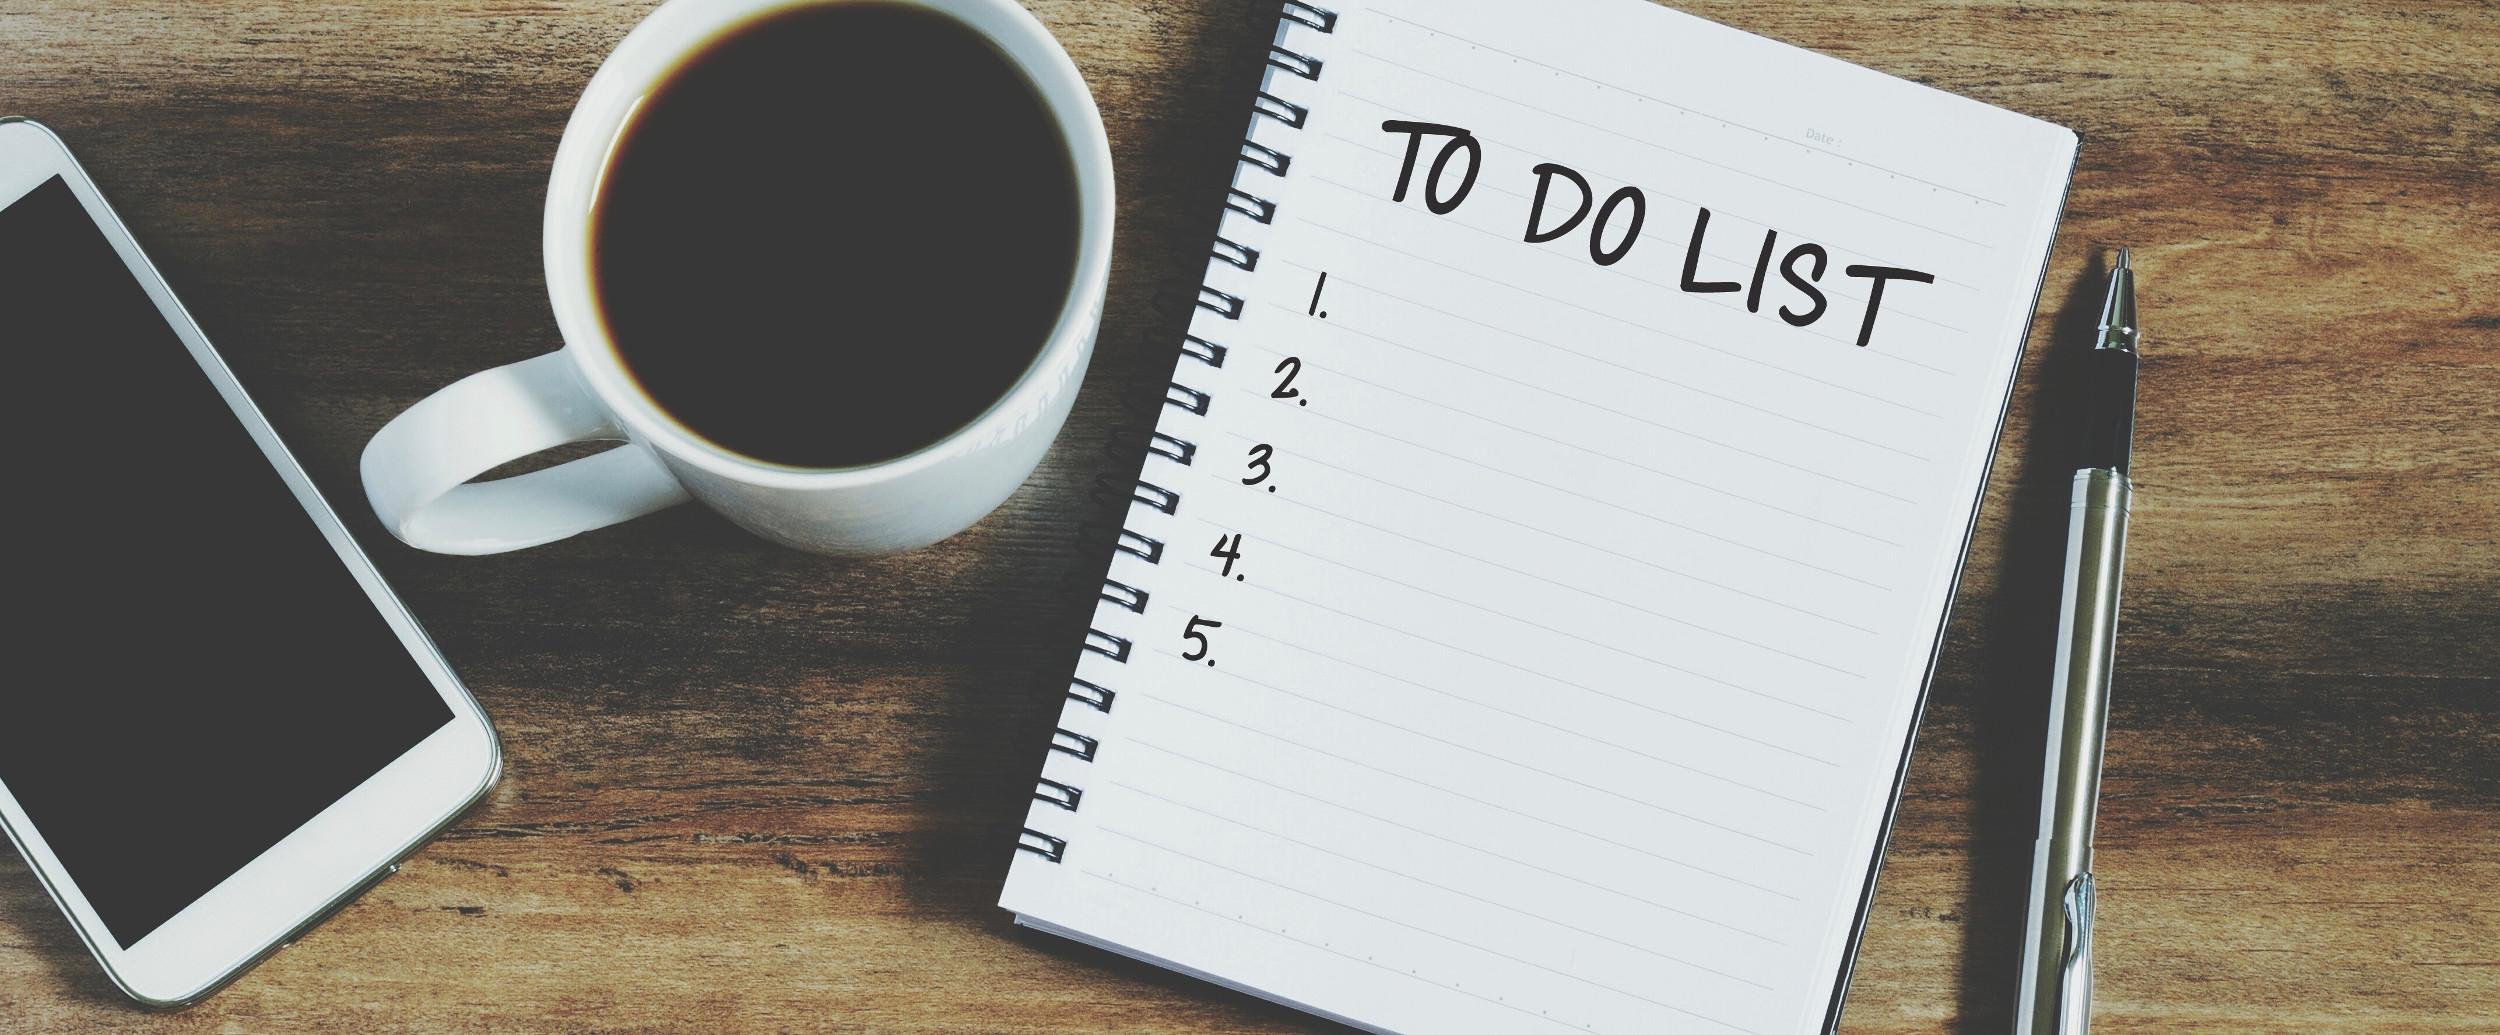 Procrastinazione: se non ora, quando? 2 - fanzine